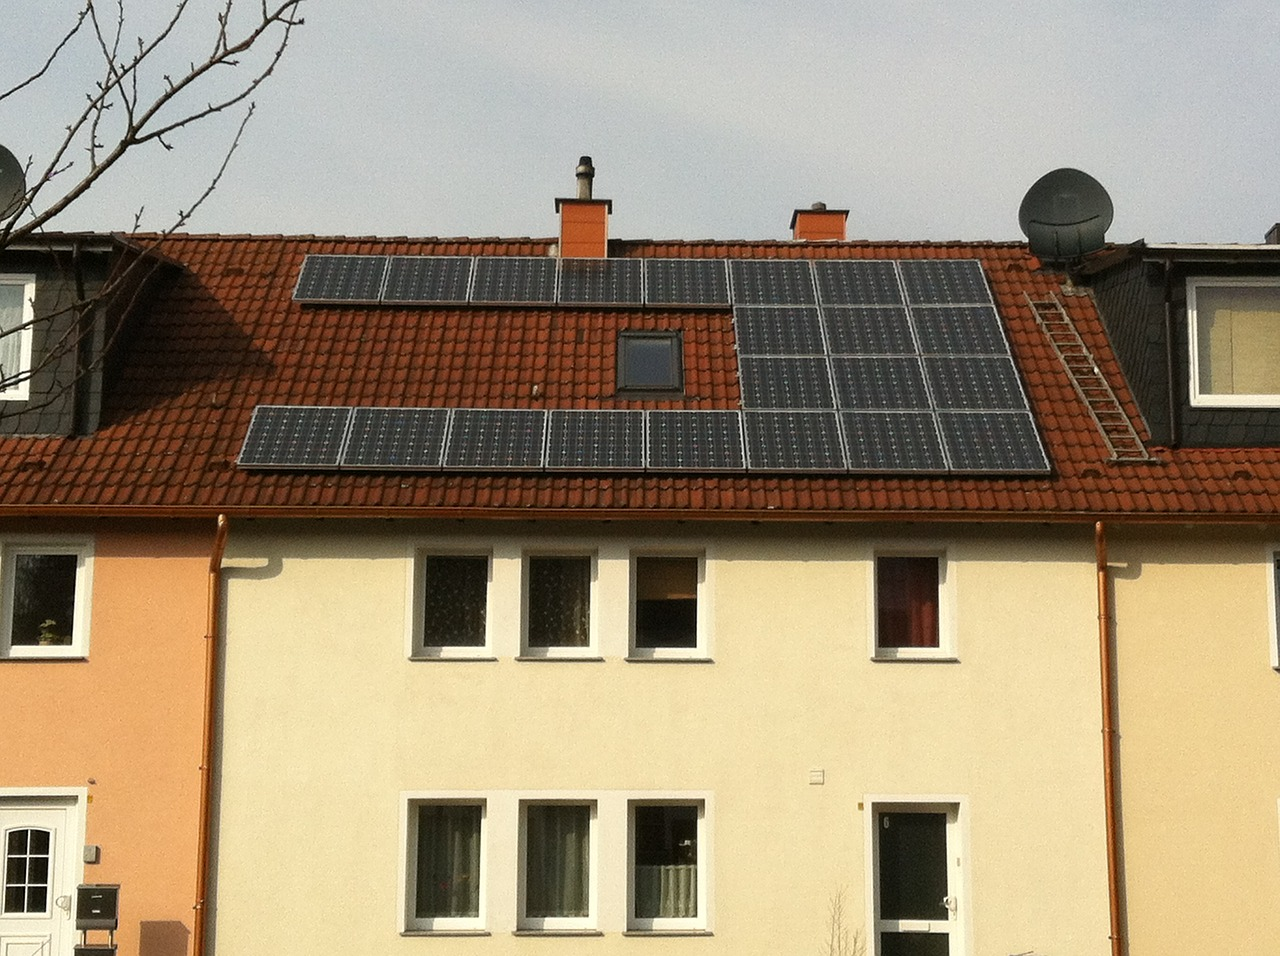 Solaranlage mieten statt kaufen